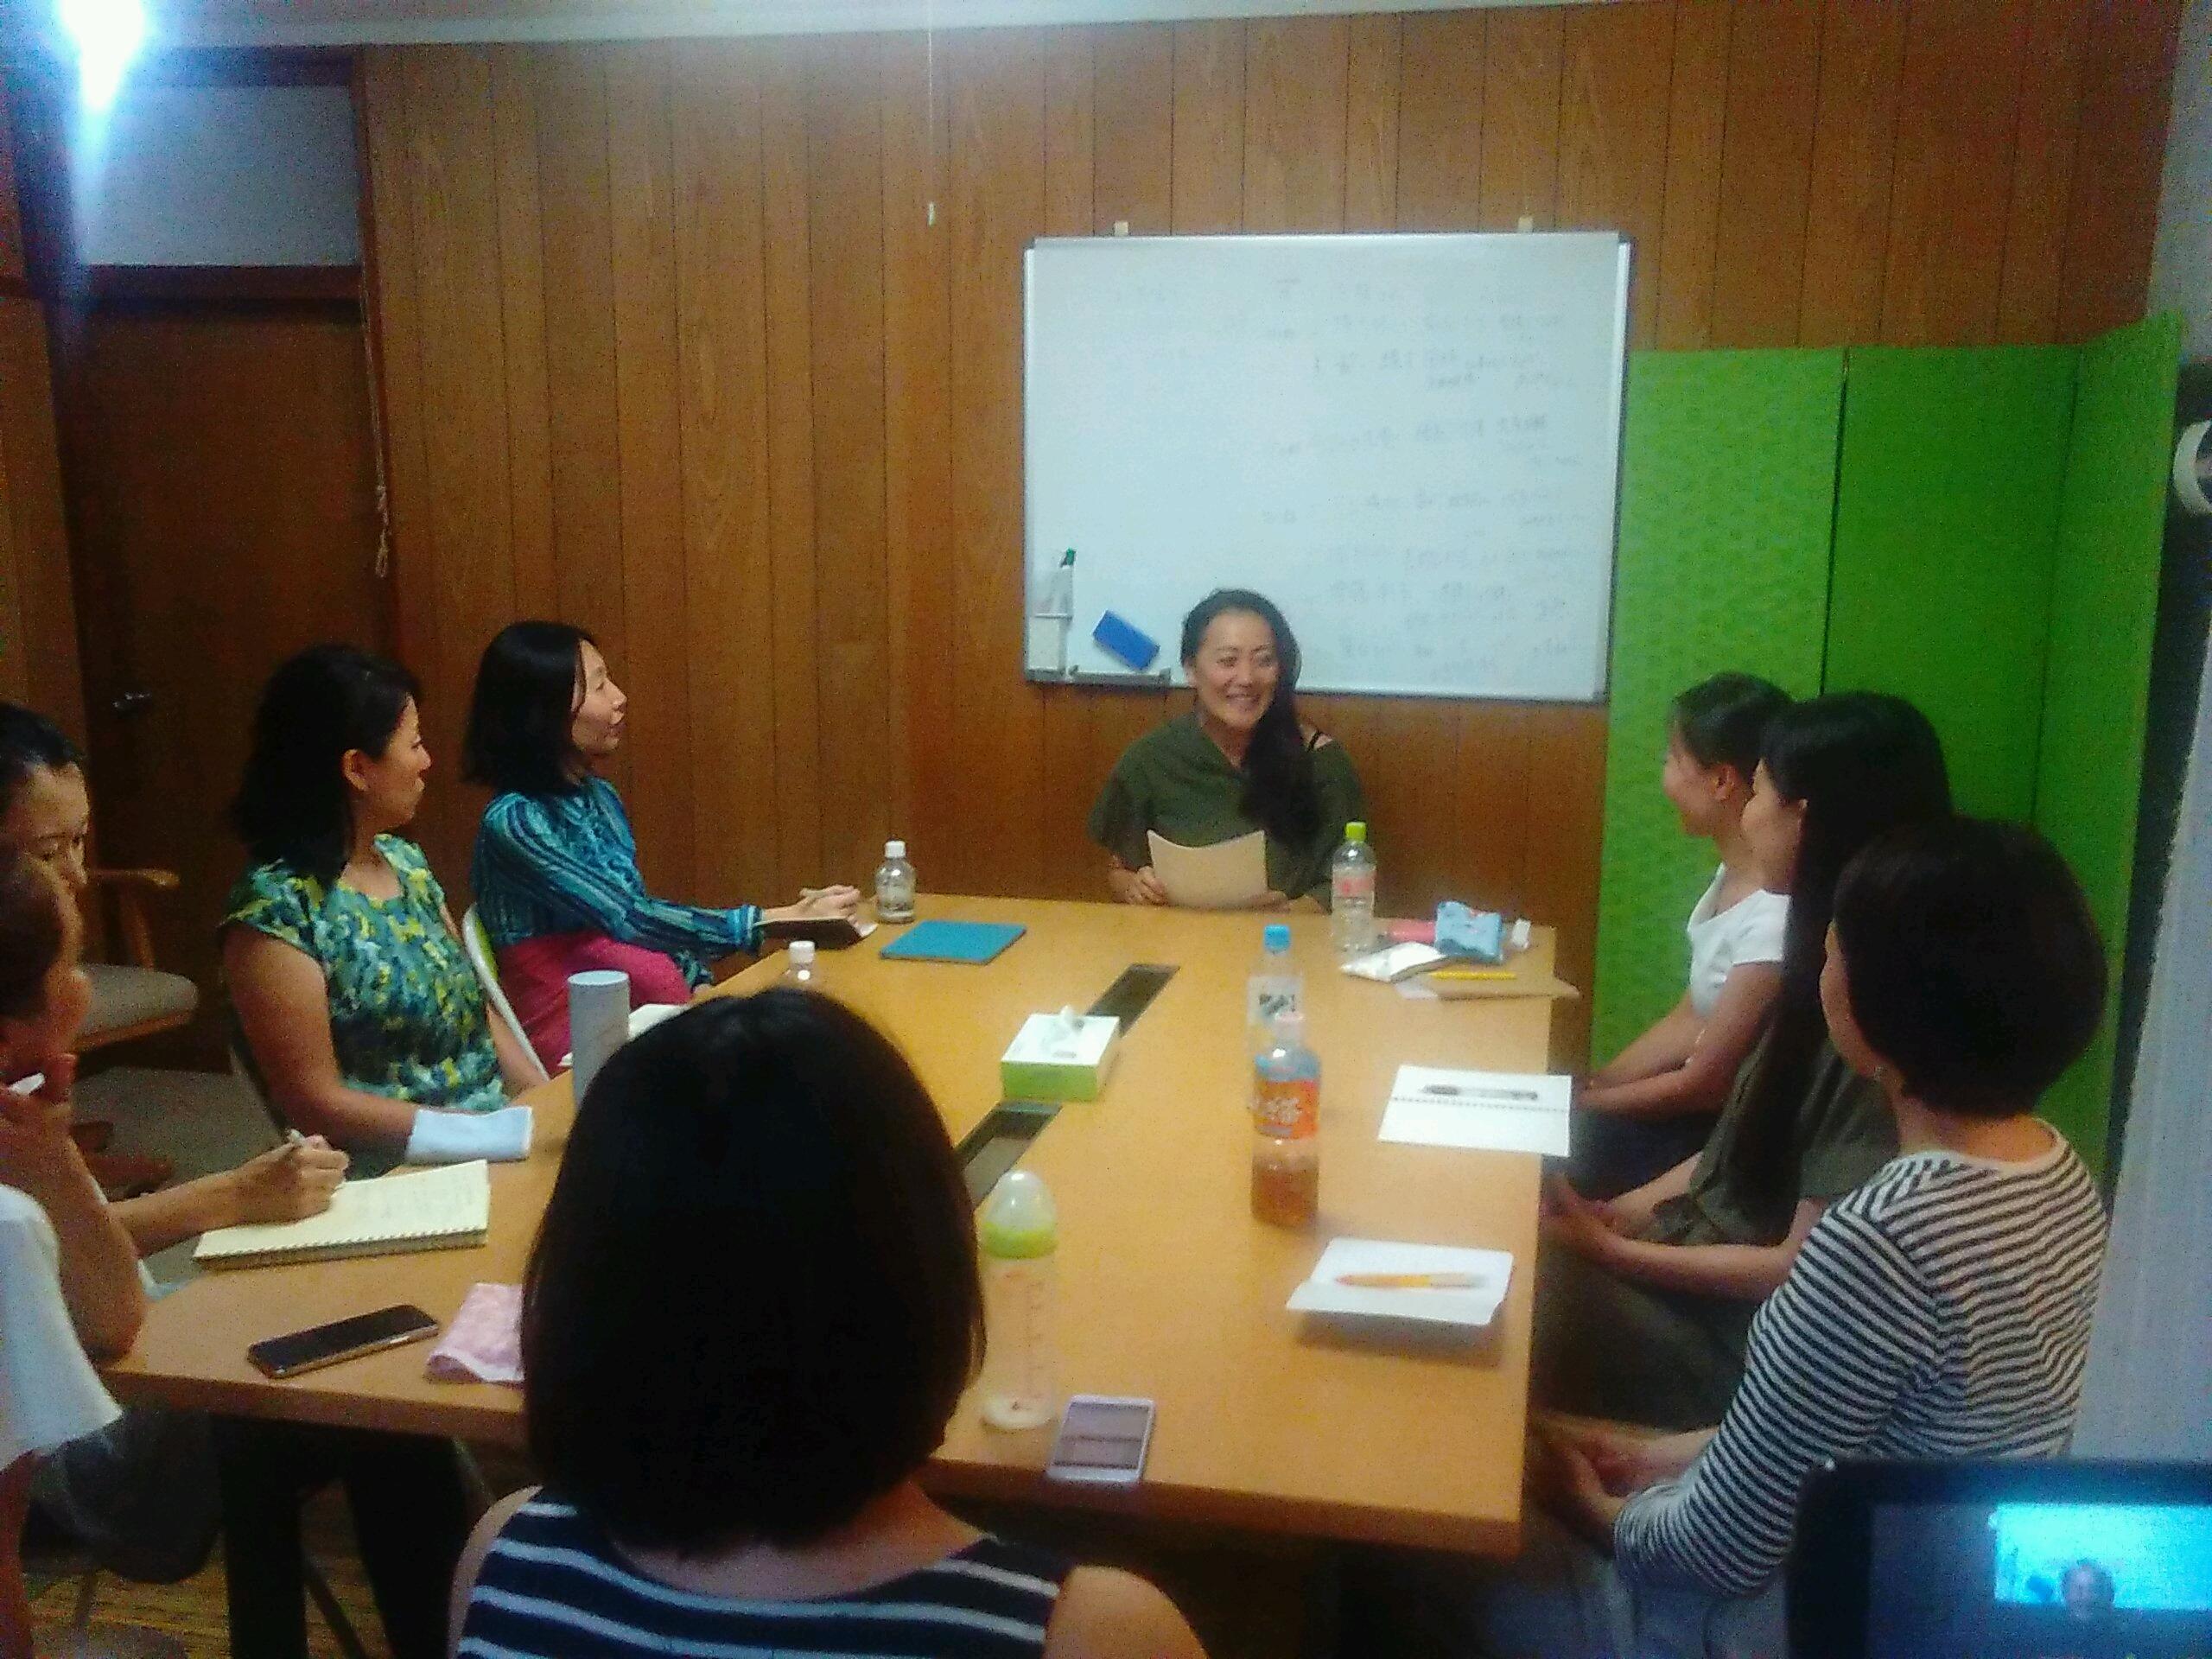 20180823194933 - 2018年8月23日愛の子育て塾第13期第1講座開催しました。